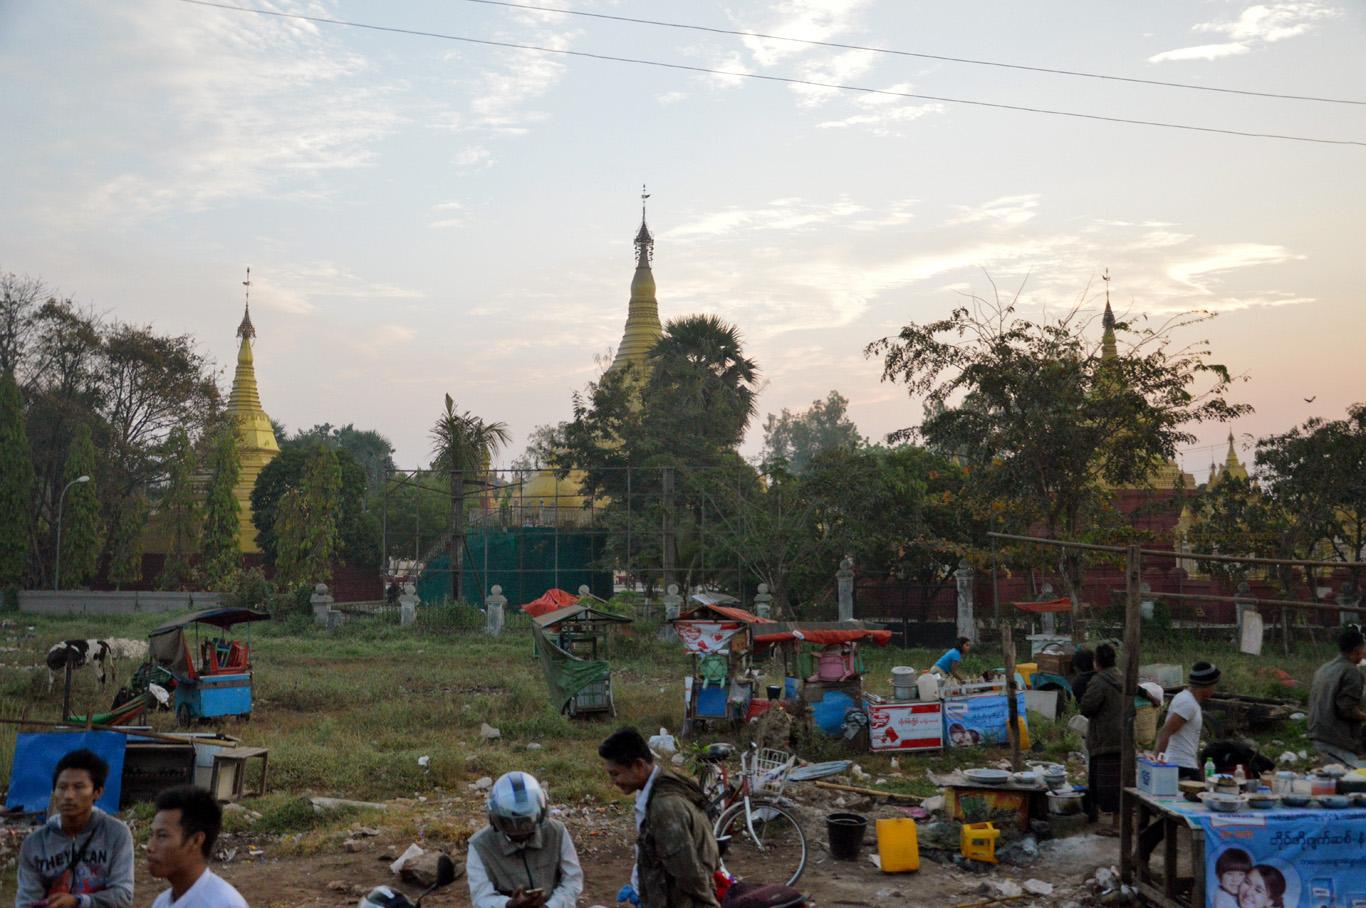 Leaving Yangon